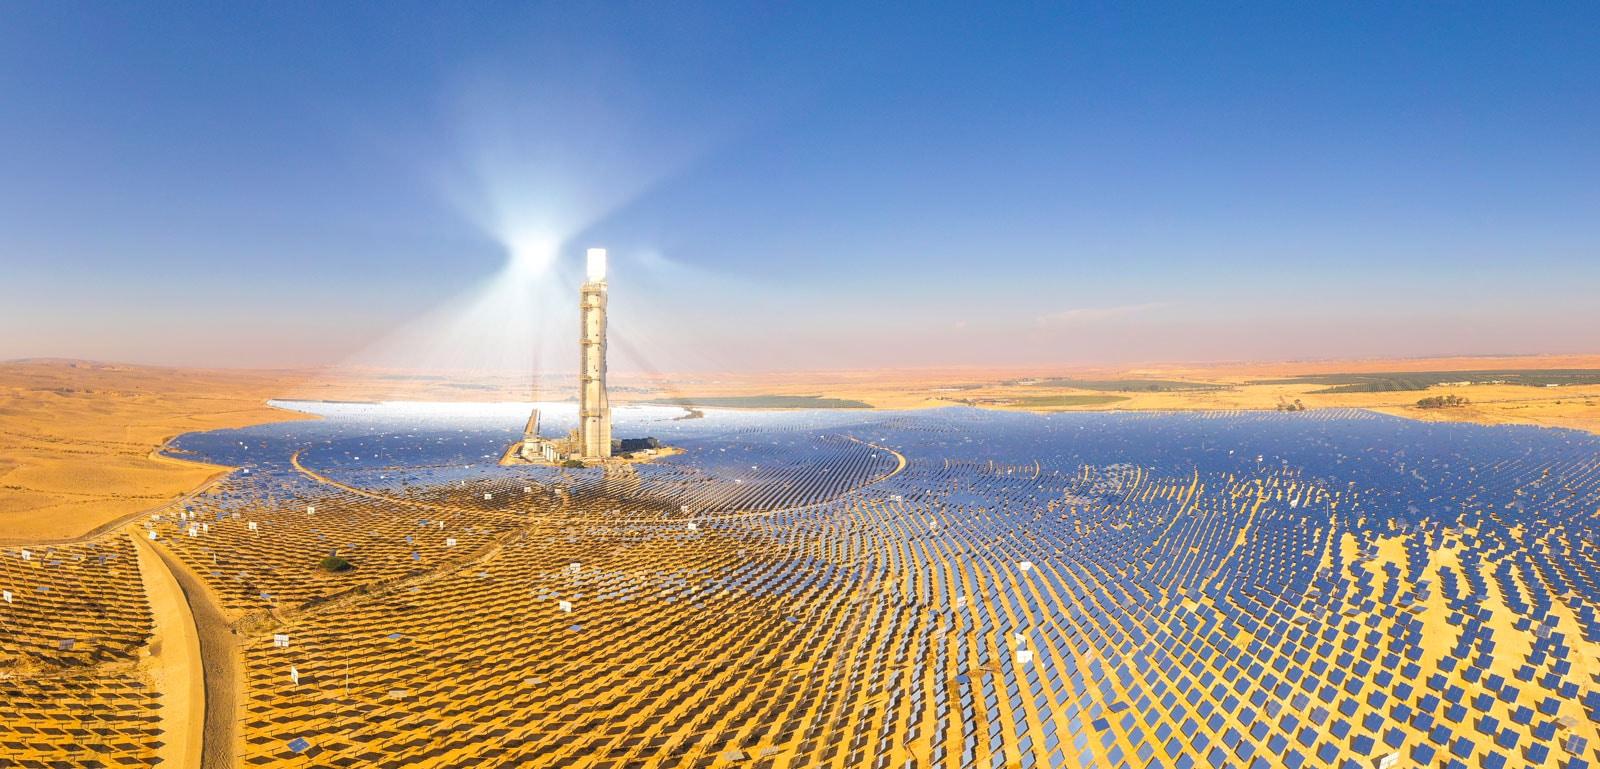 Energia Solare In Sicilia quanta energia solare potrebbe produrre il sahara? - focus.it